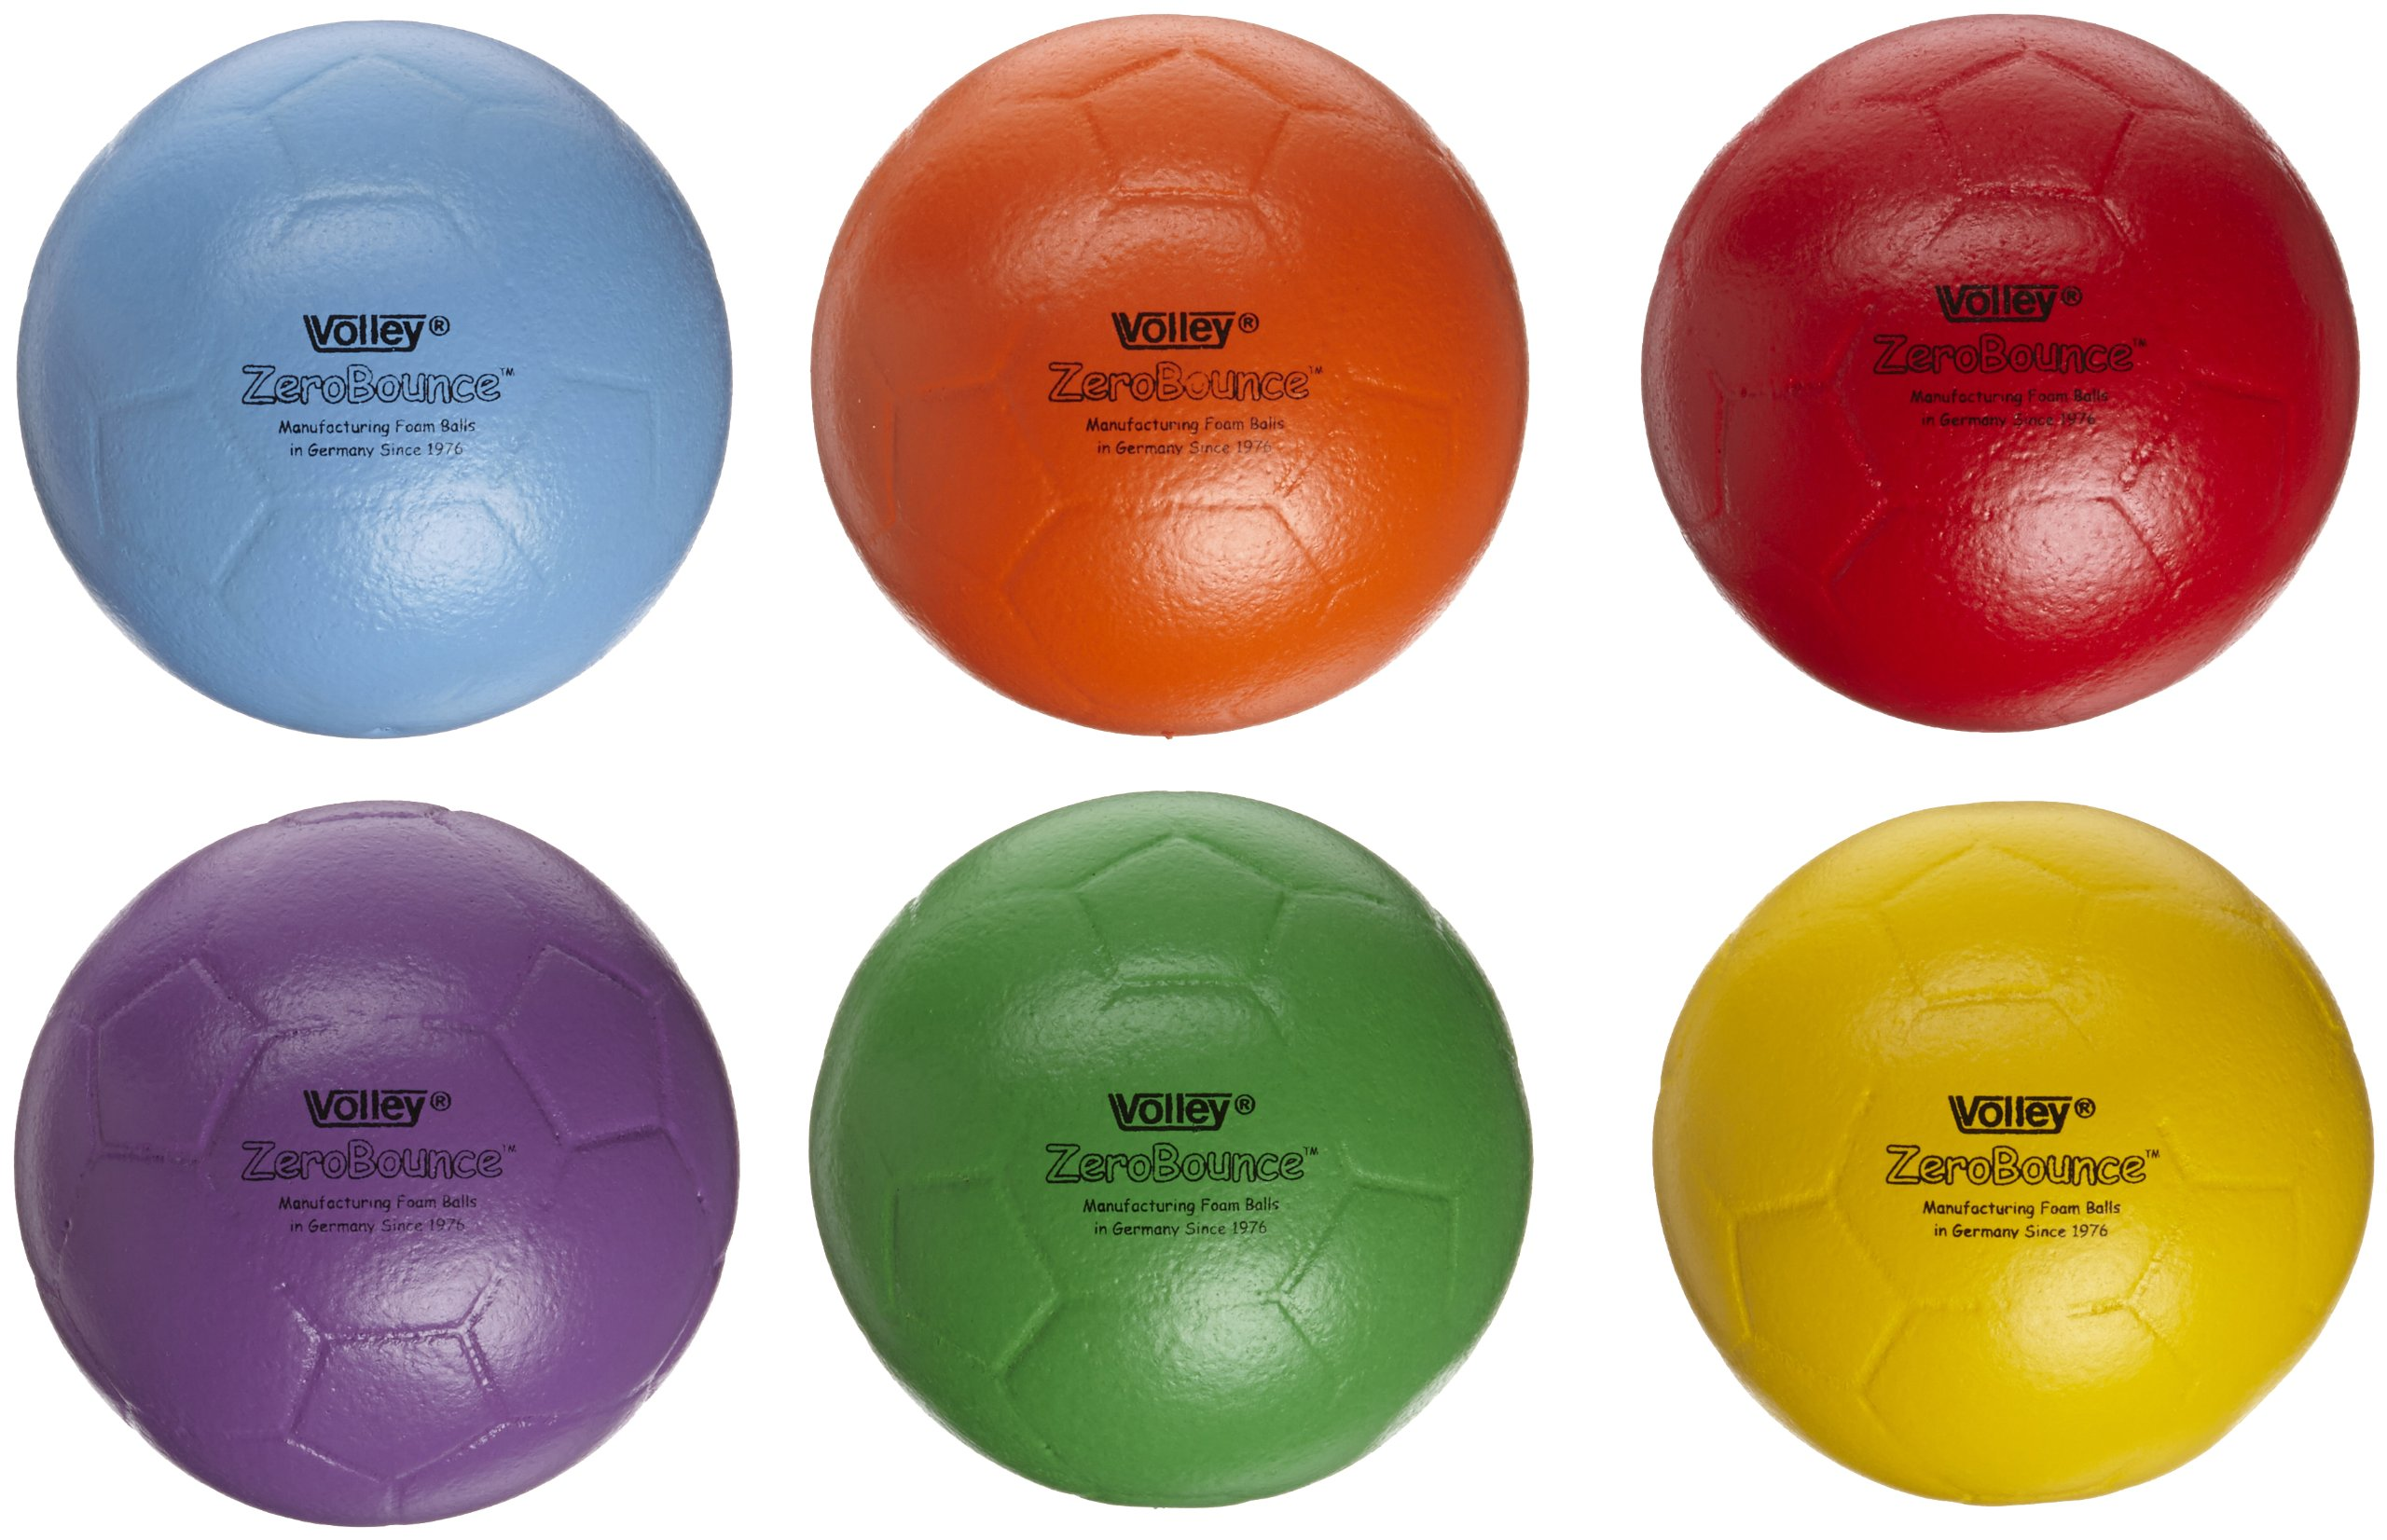 Volley ZeroBounce Indoor Soccer Ball - 8 1/4 inch - Set of 6 - Assorted Colors